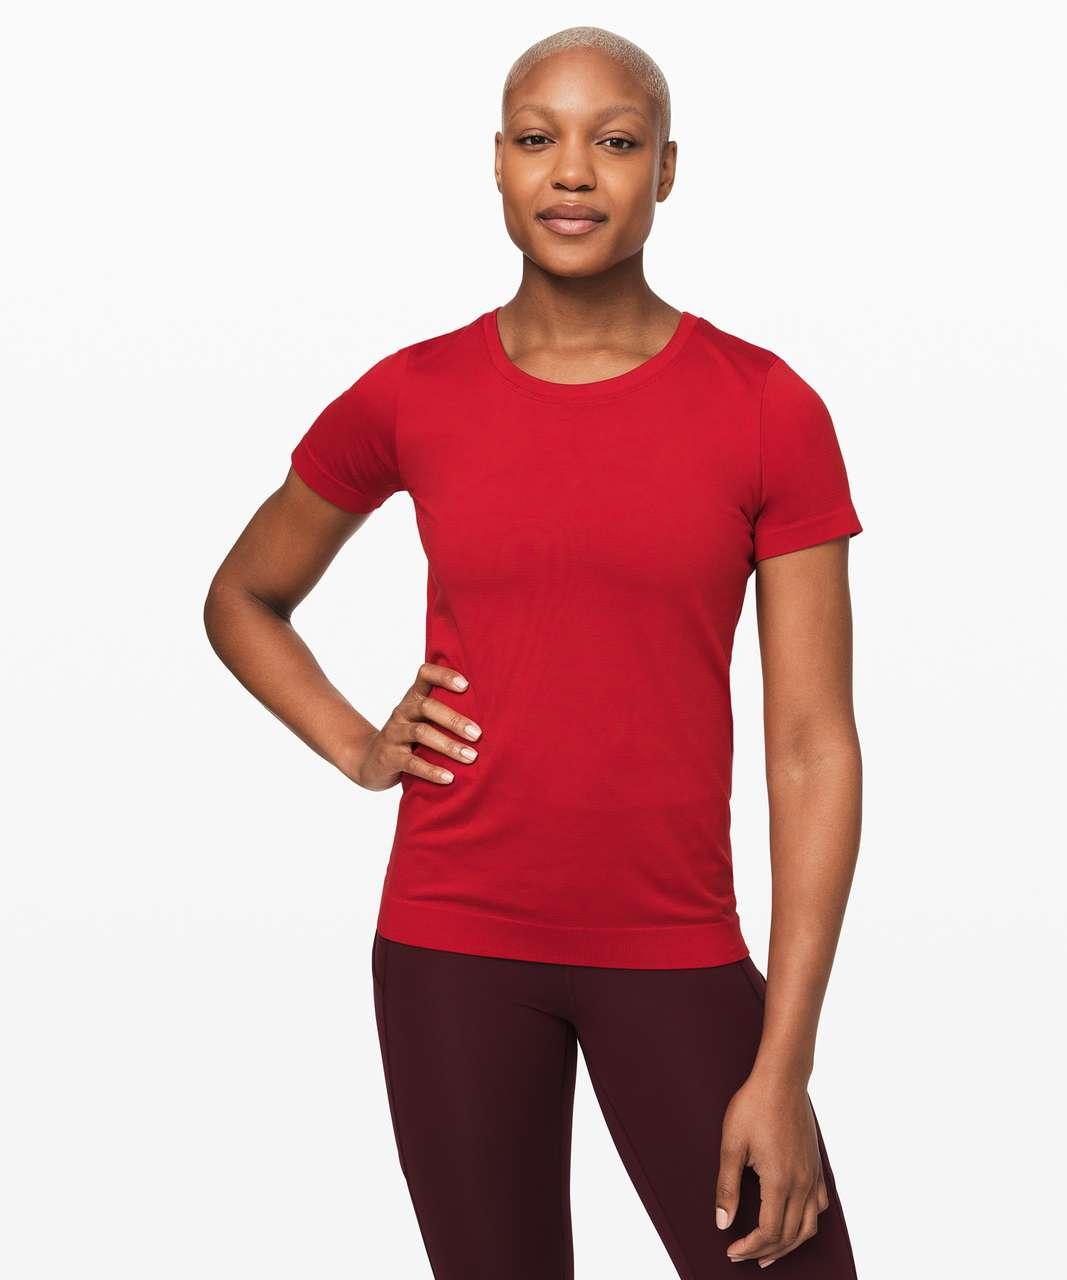 Lululemon Swiftly Relaxed Short Sleeve - Dark Red / Dark Red